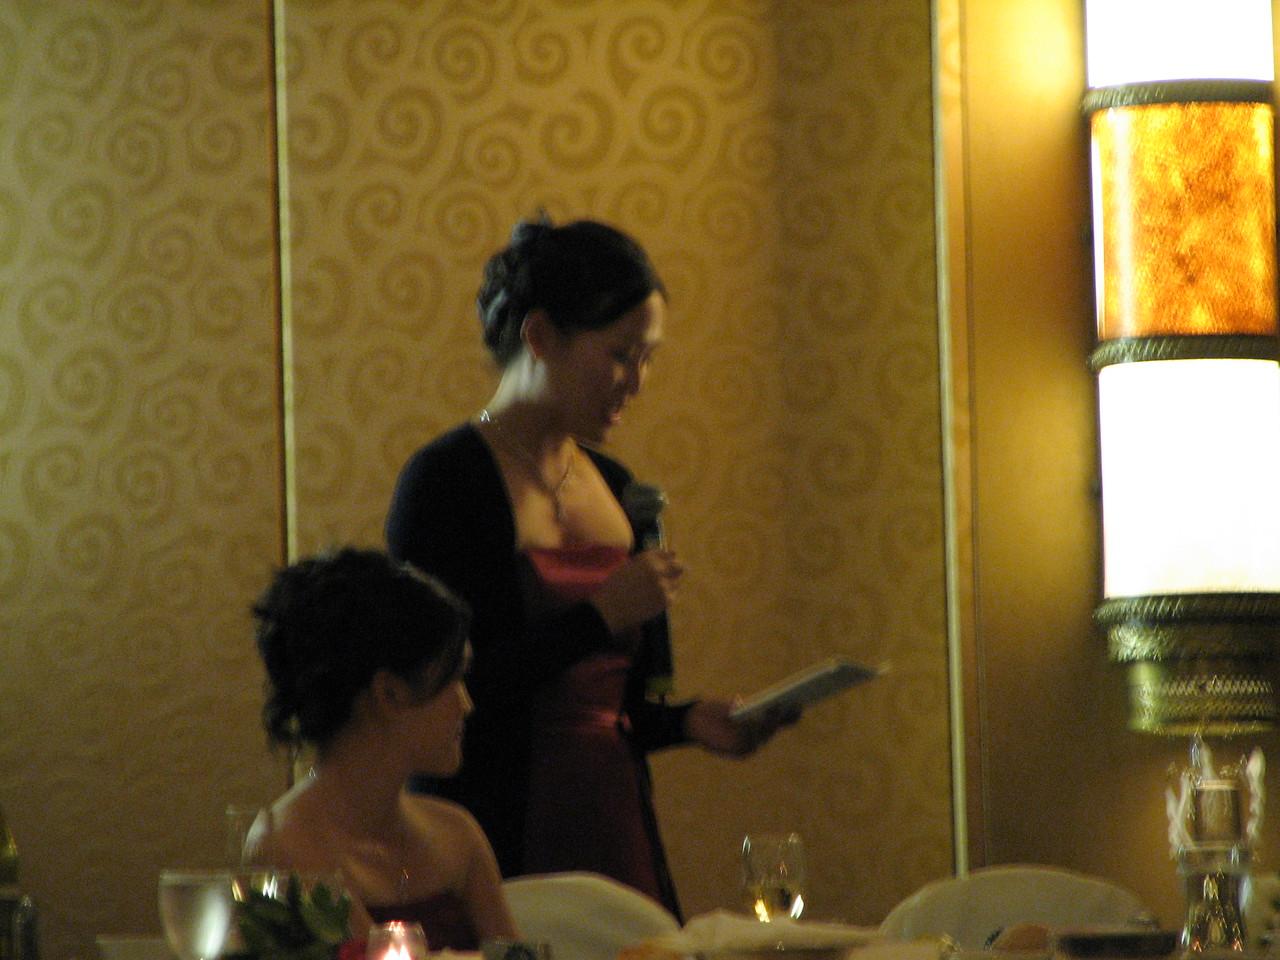 2006 10 08 Sun - Reception - Leslie Lee's toast & Bernice Chen